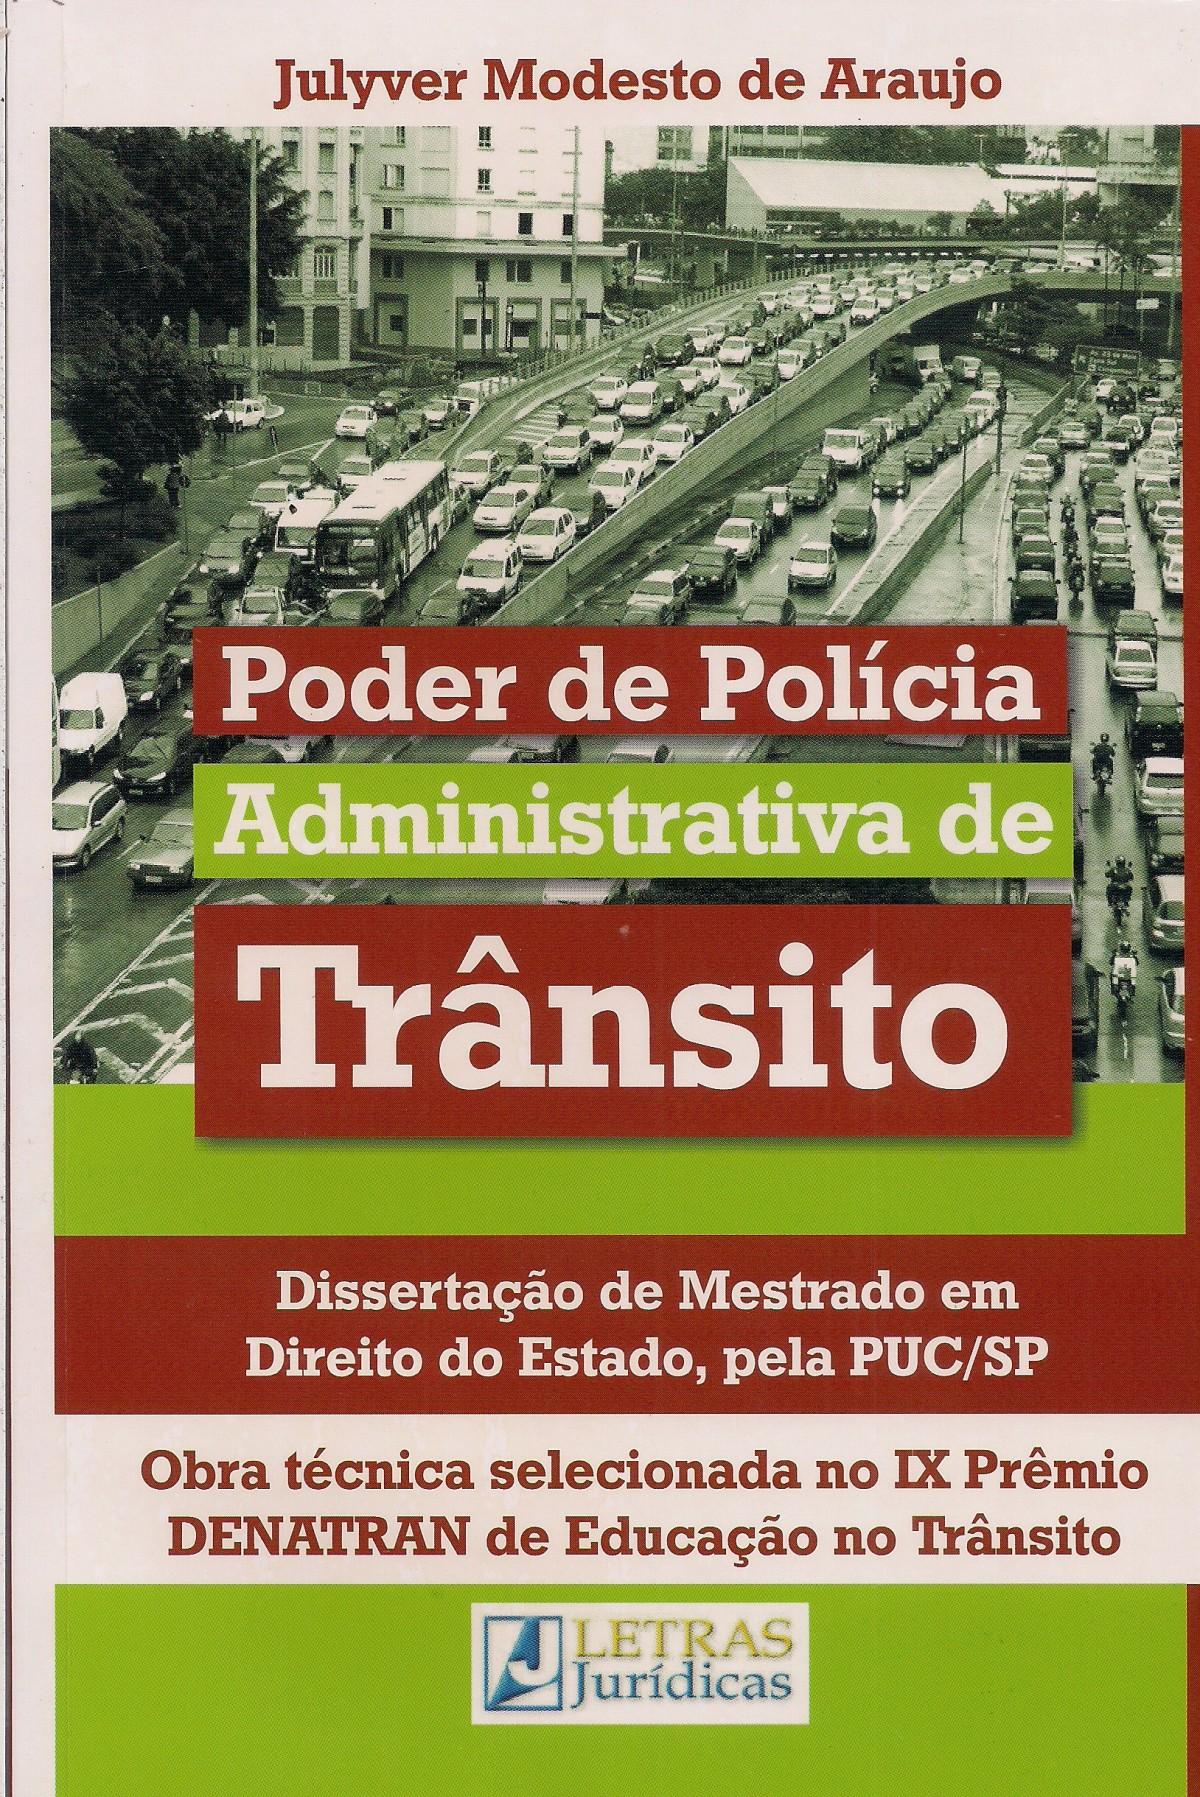 Foto 1 - Poder de Polícia Administrativa de Trânsito